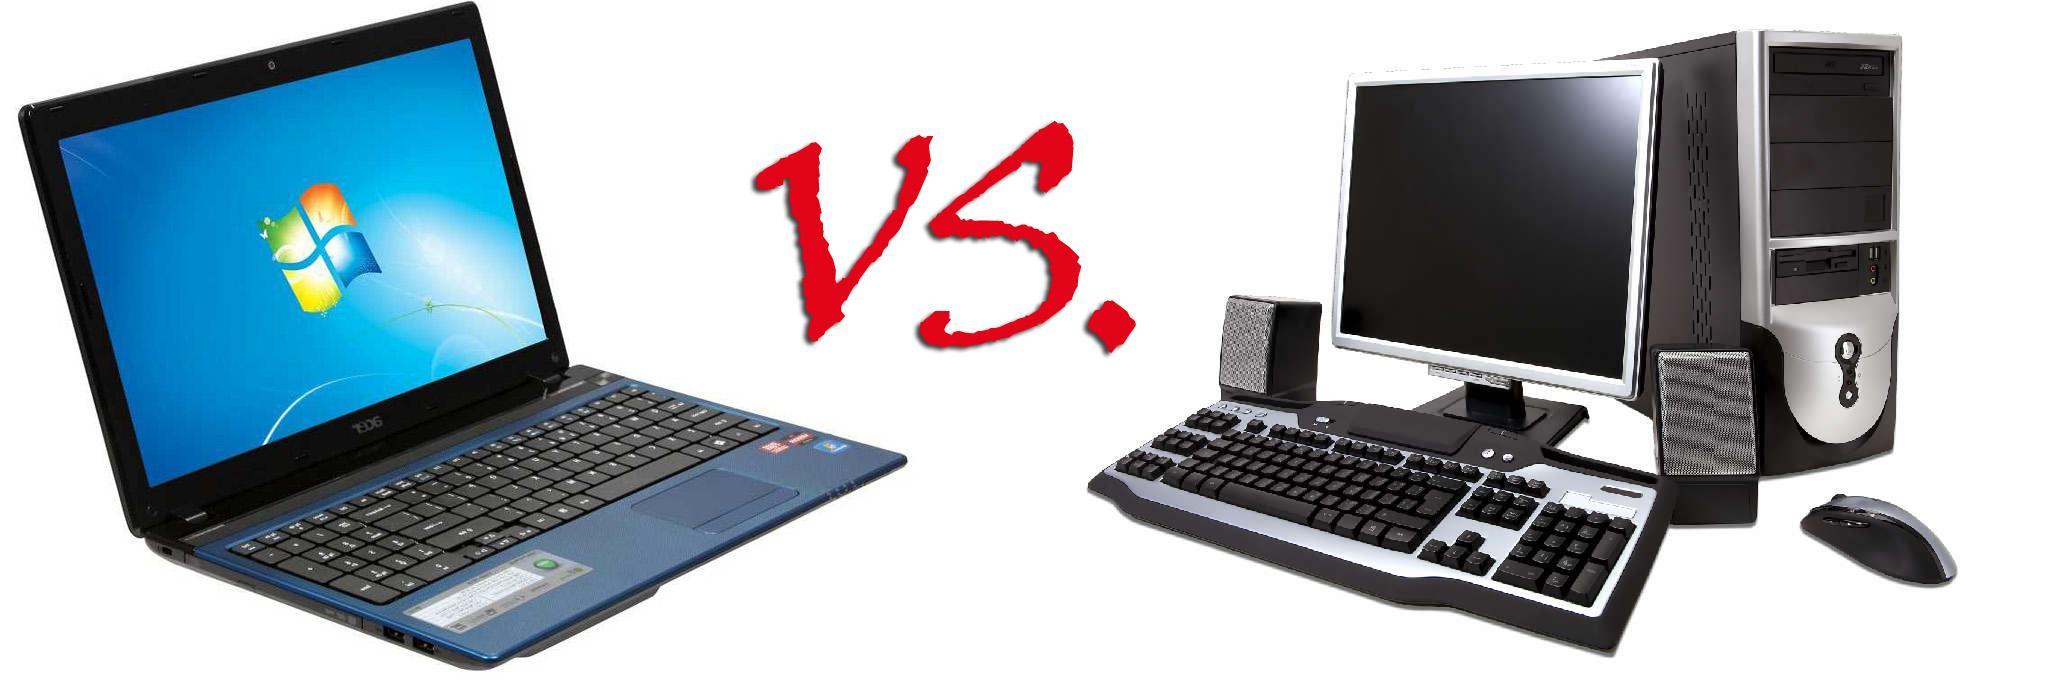 Что лучше: ноутбук или стационарный компьютер?